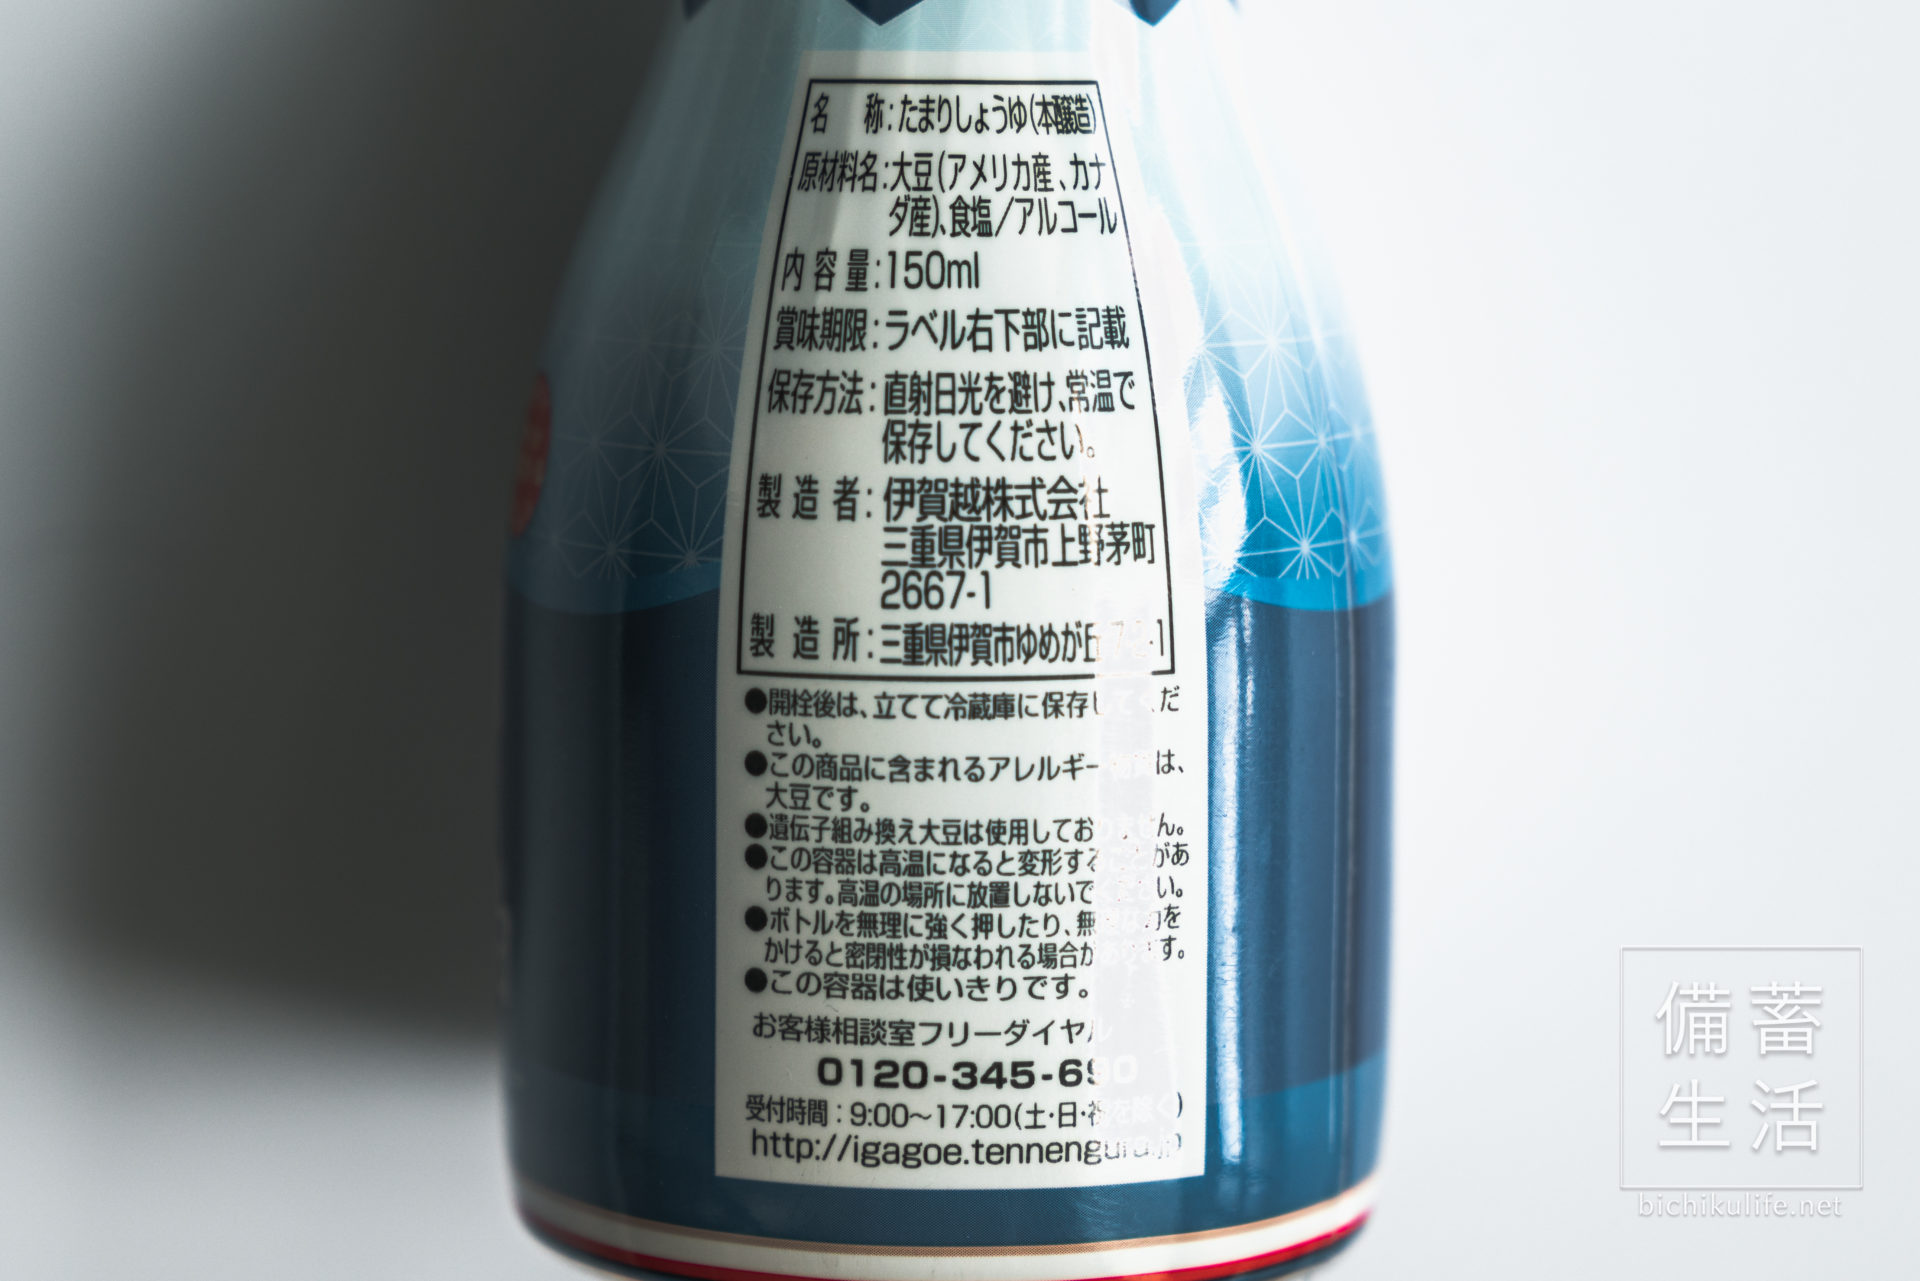 伊賀越 グルテンフリー 丸大豆醤油 たまり醤油 栄養成分表、商品概要